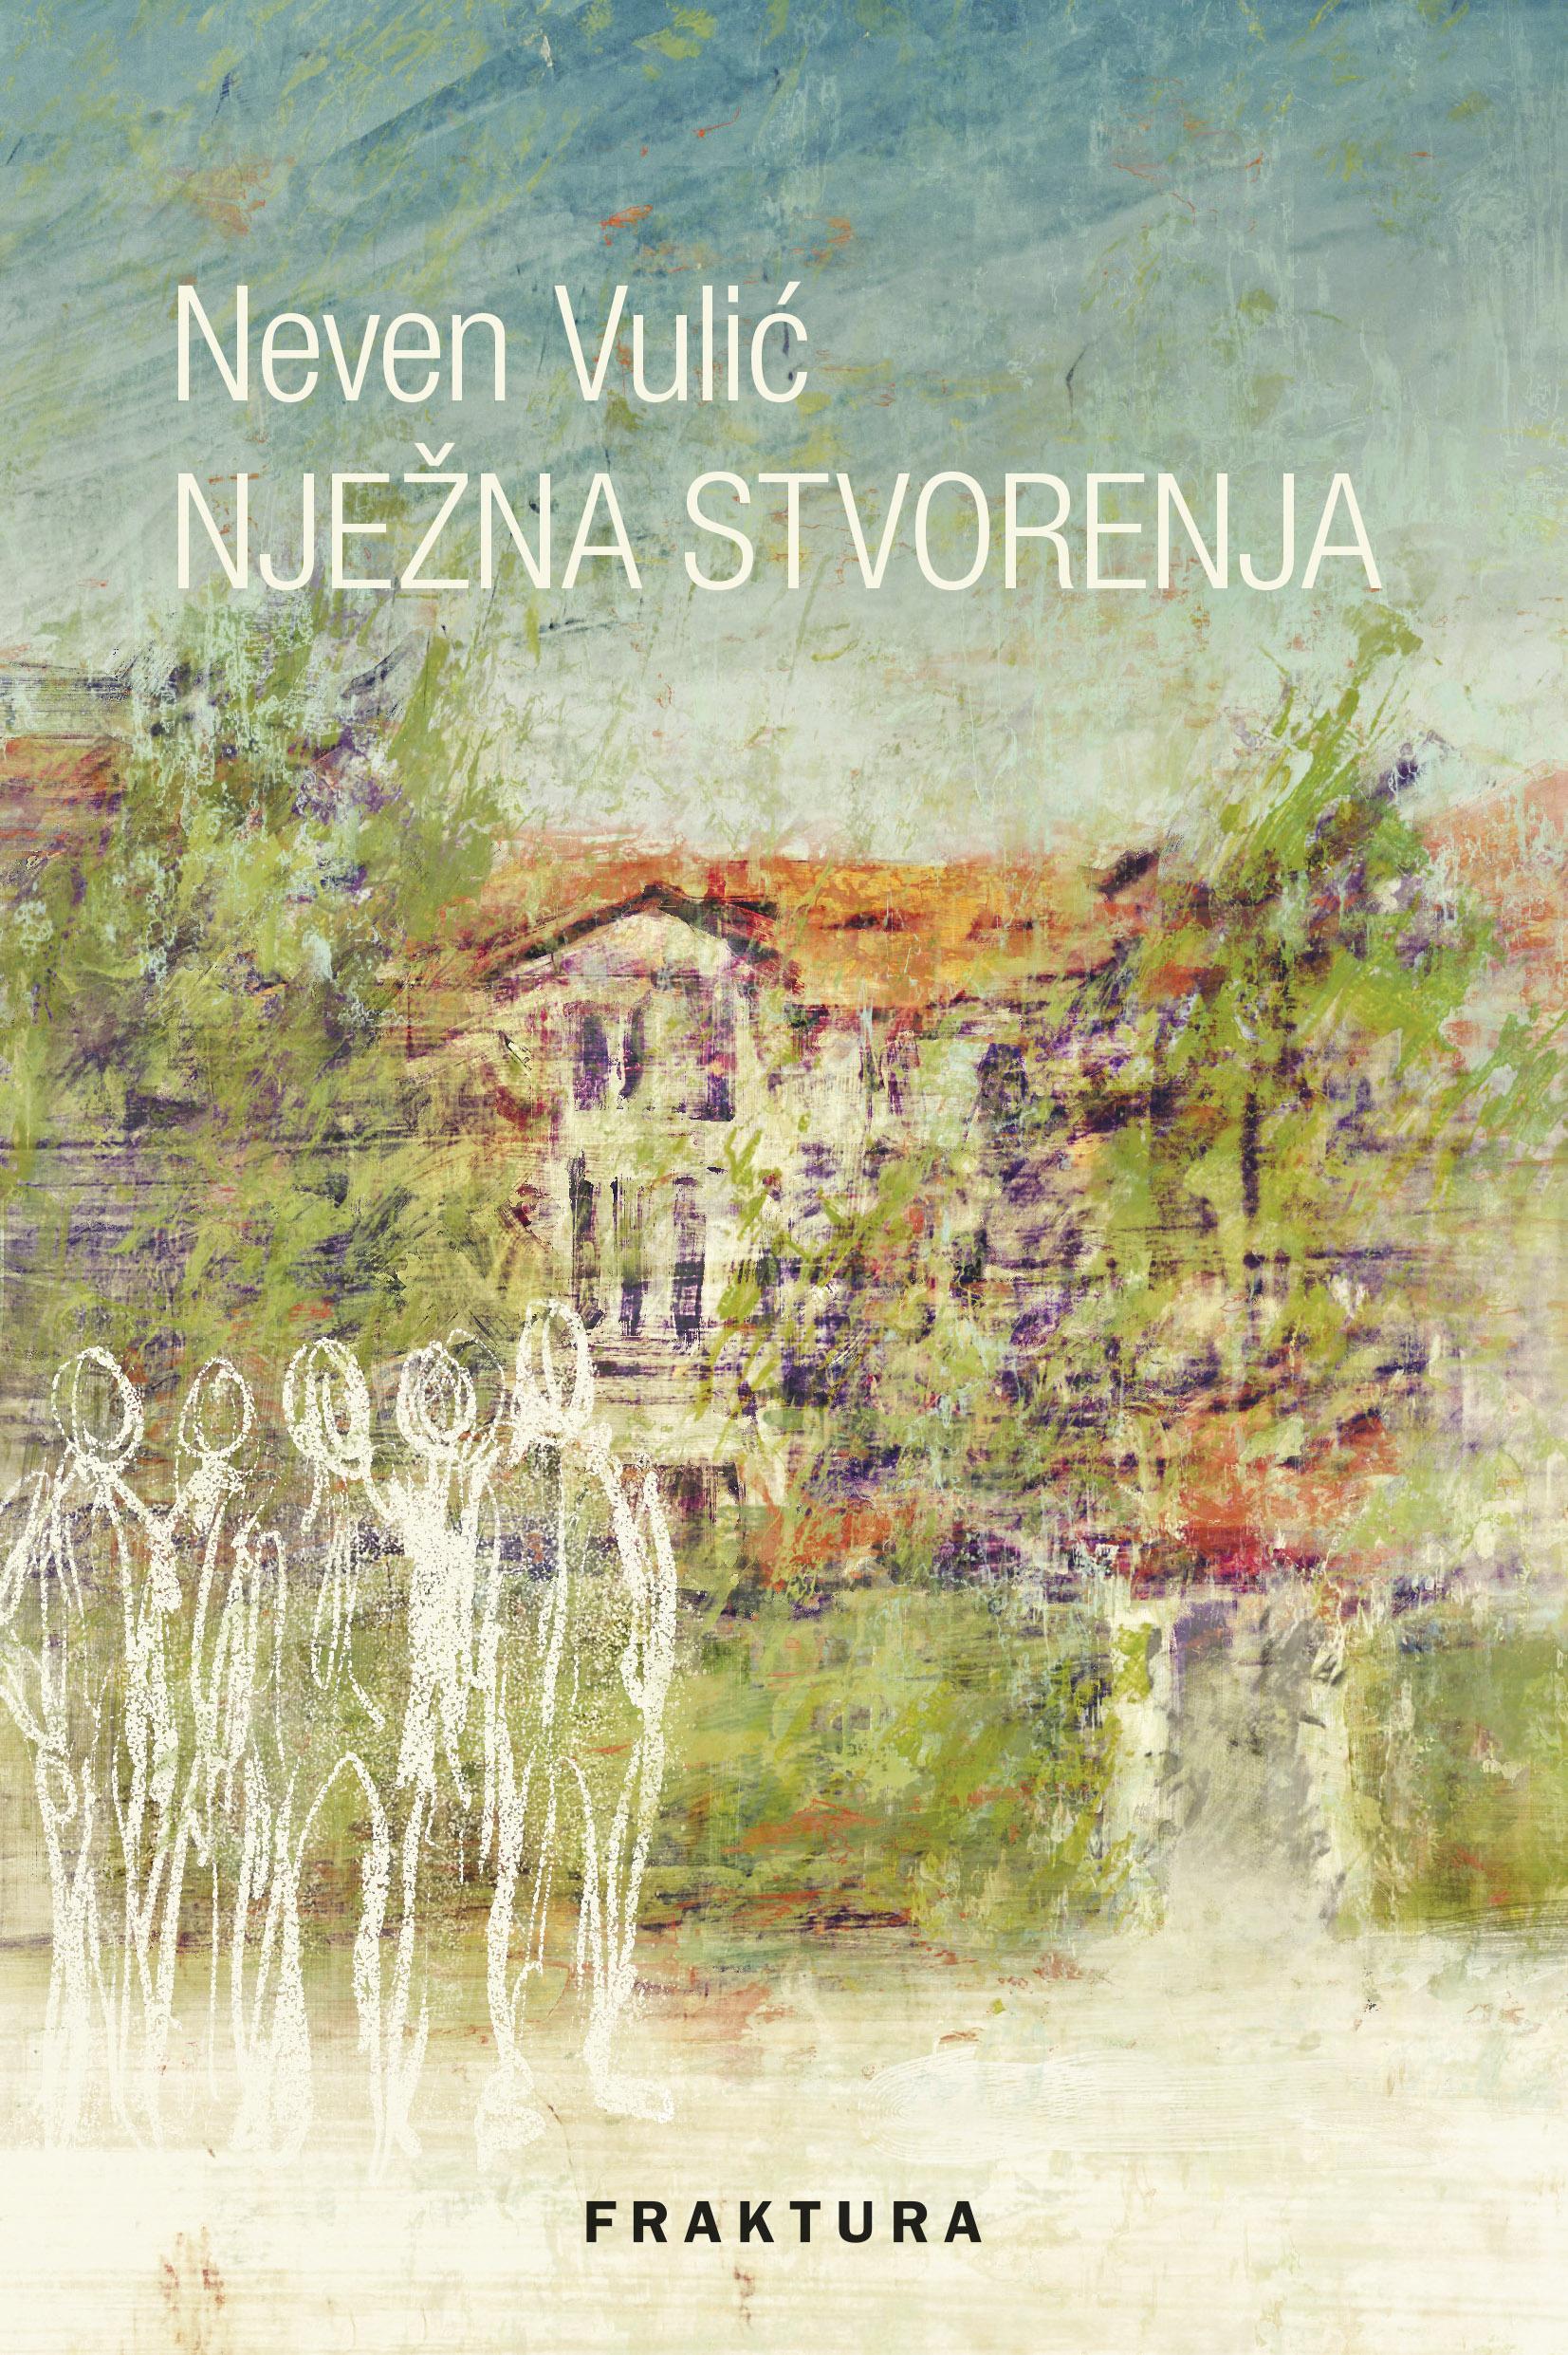 Neven Vulić u Knjižnici Marije Jurić Zagorke